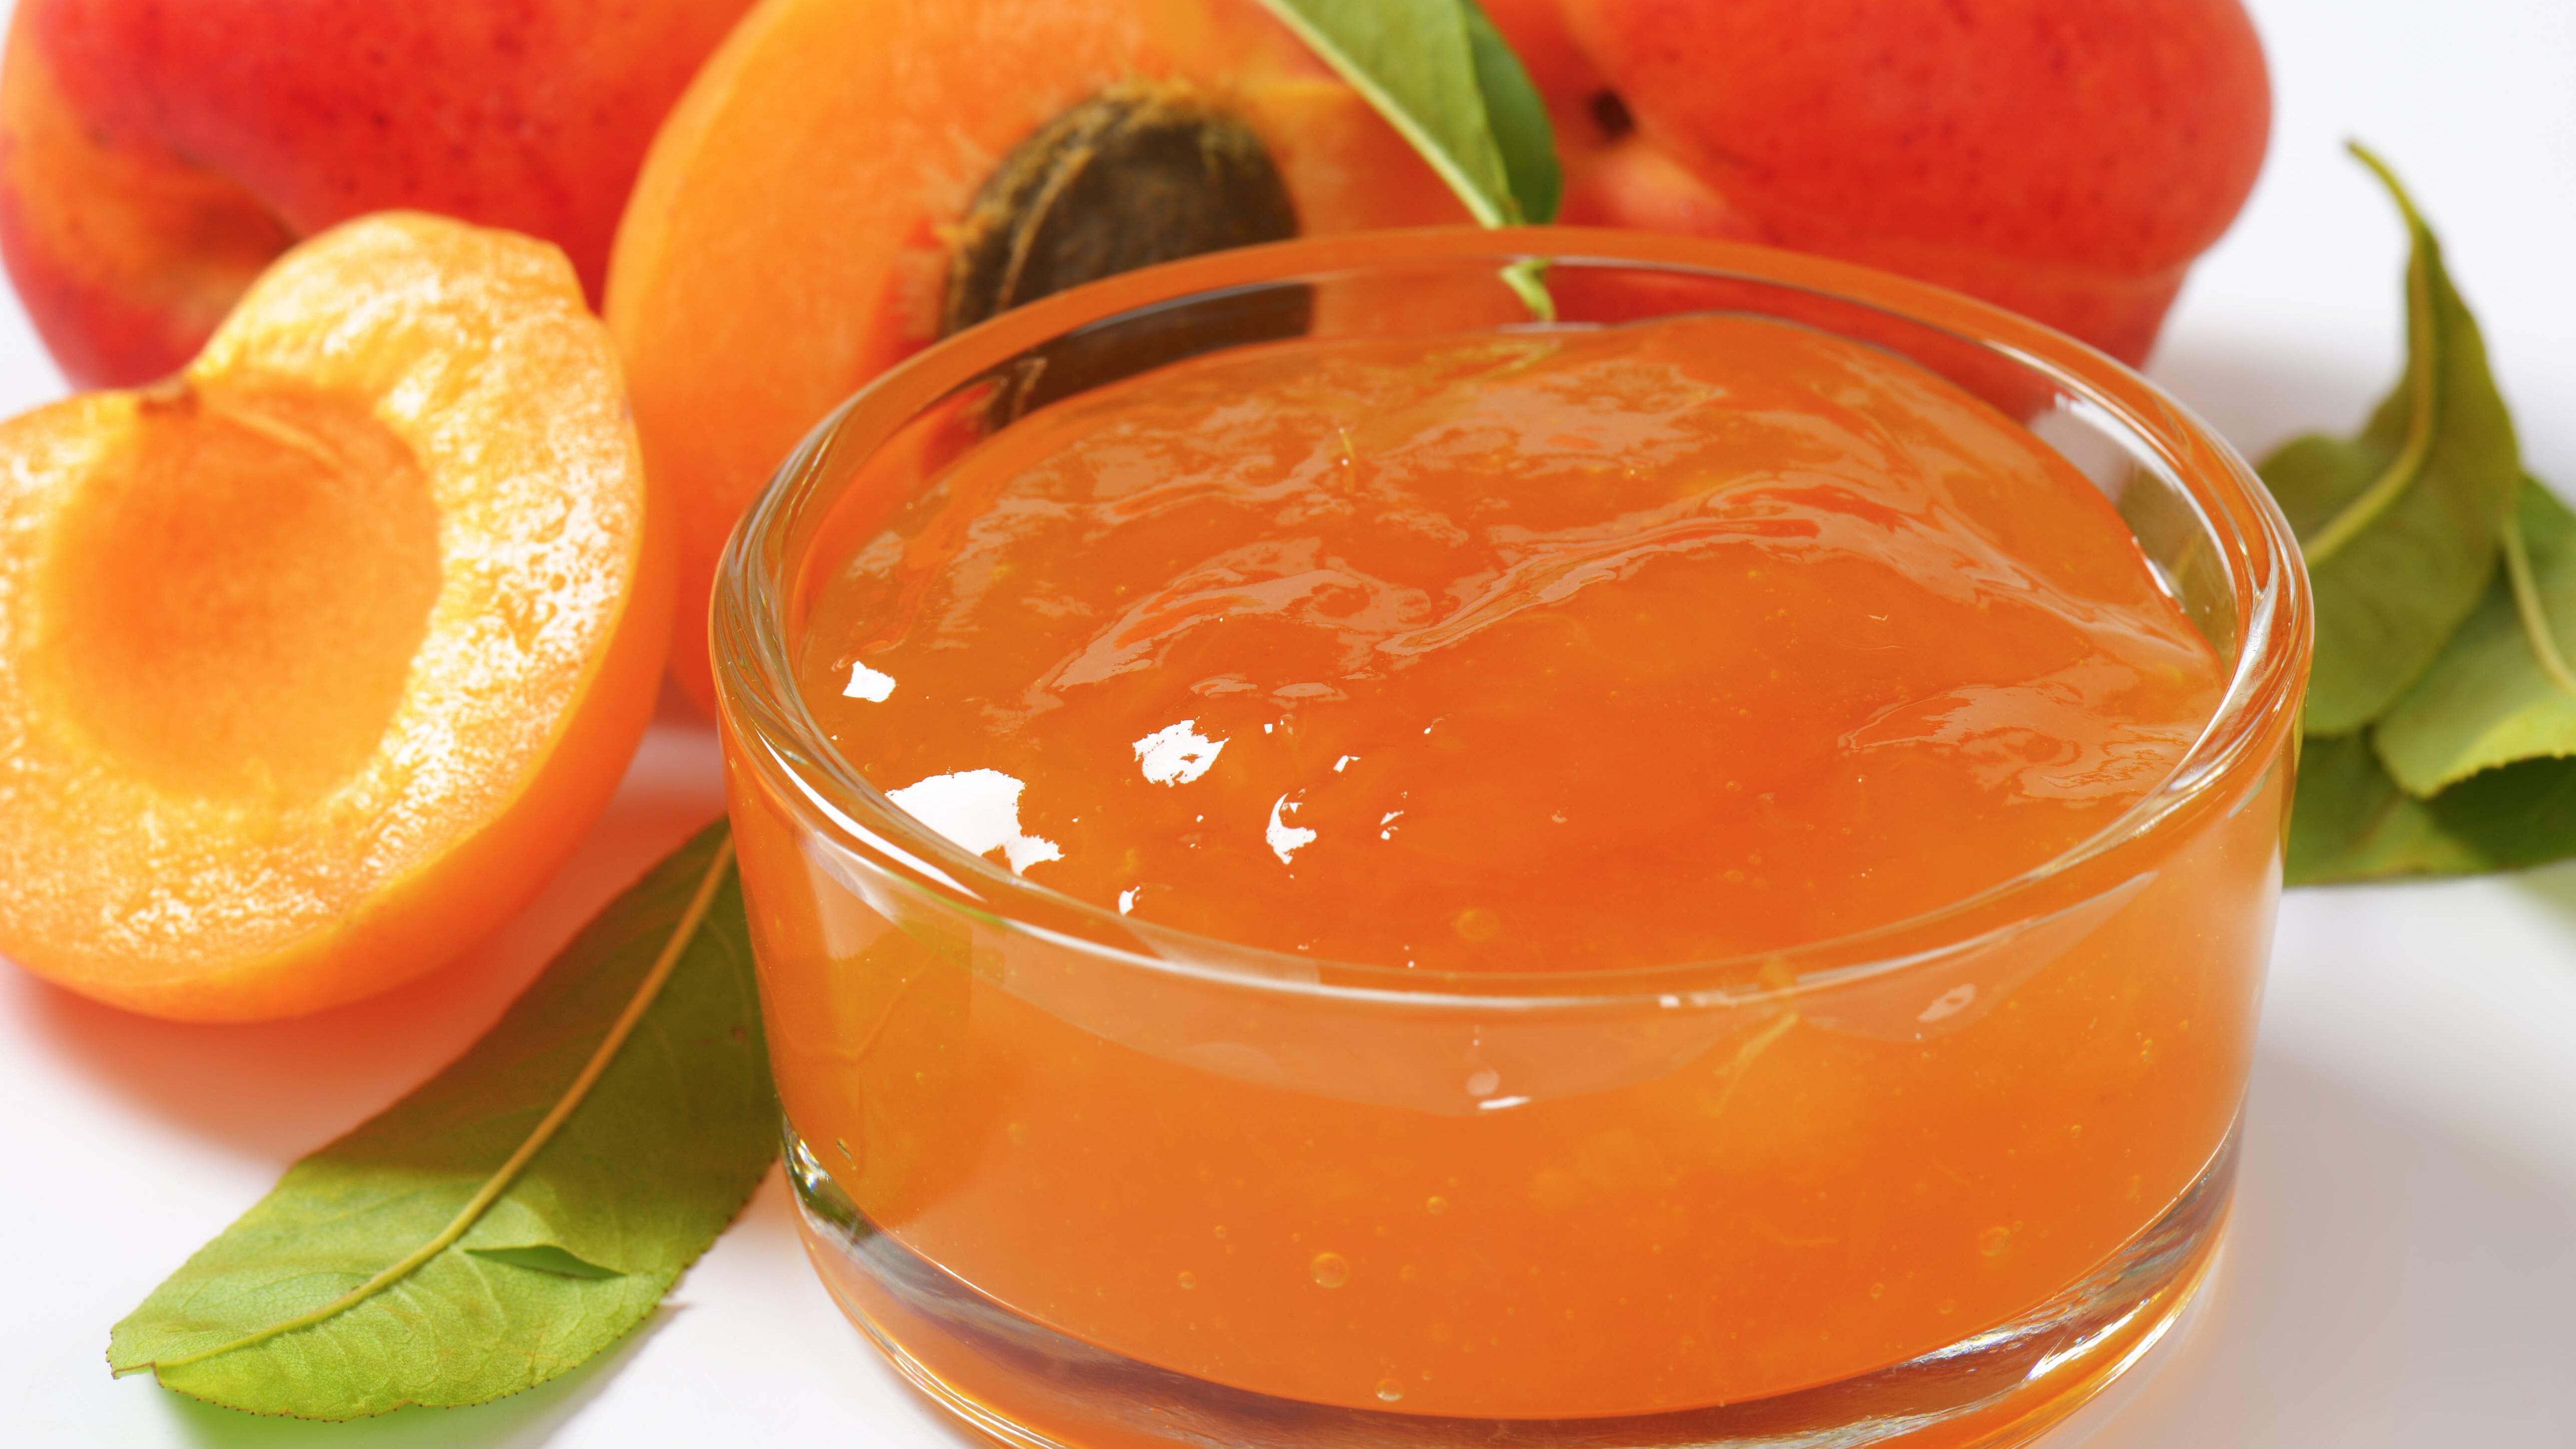 Obst wird schon seit Generationen eingekocht.